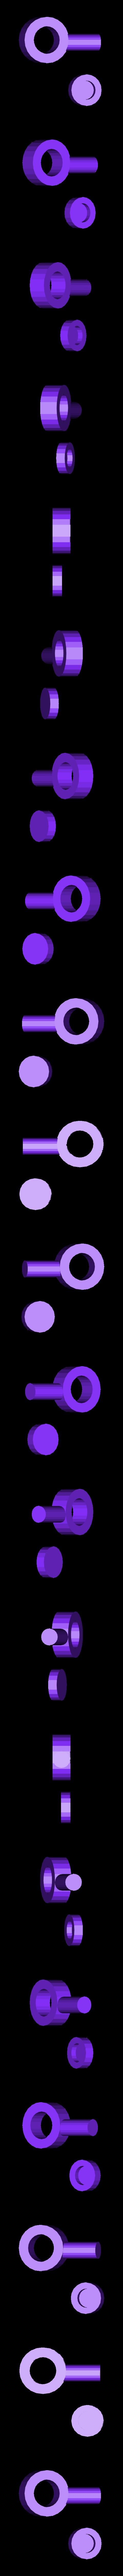 Camera_Pin.stl Télécharger fichier STL gratuit Boîte à dés • Modèle pour imprimante 3D, mrhers2